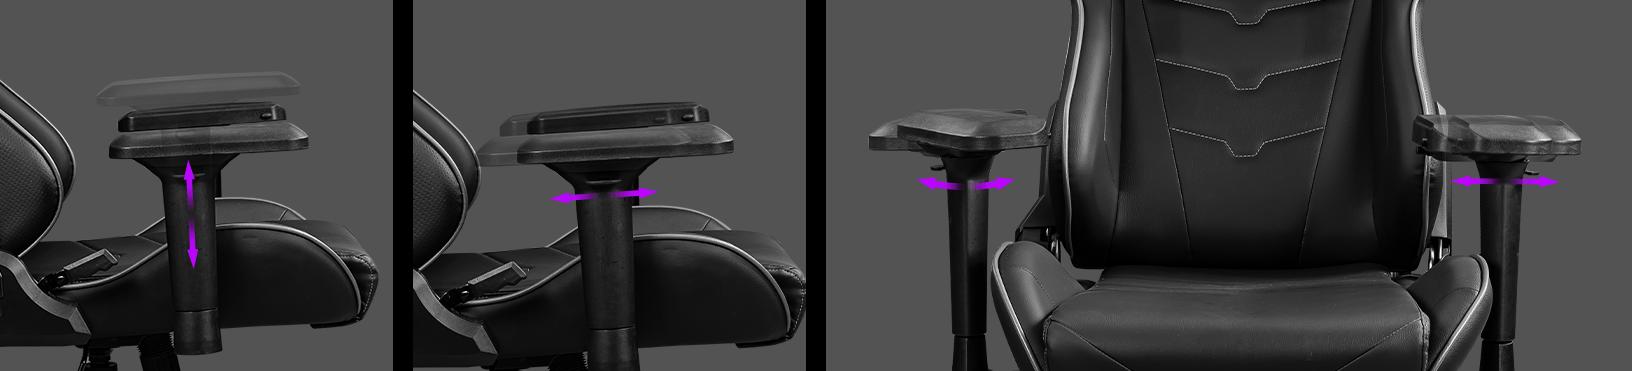 Ghế Gaming MSI MAG CH120 I có thiết kế tay ghế 4D tiện lợi